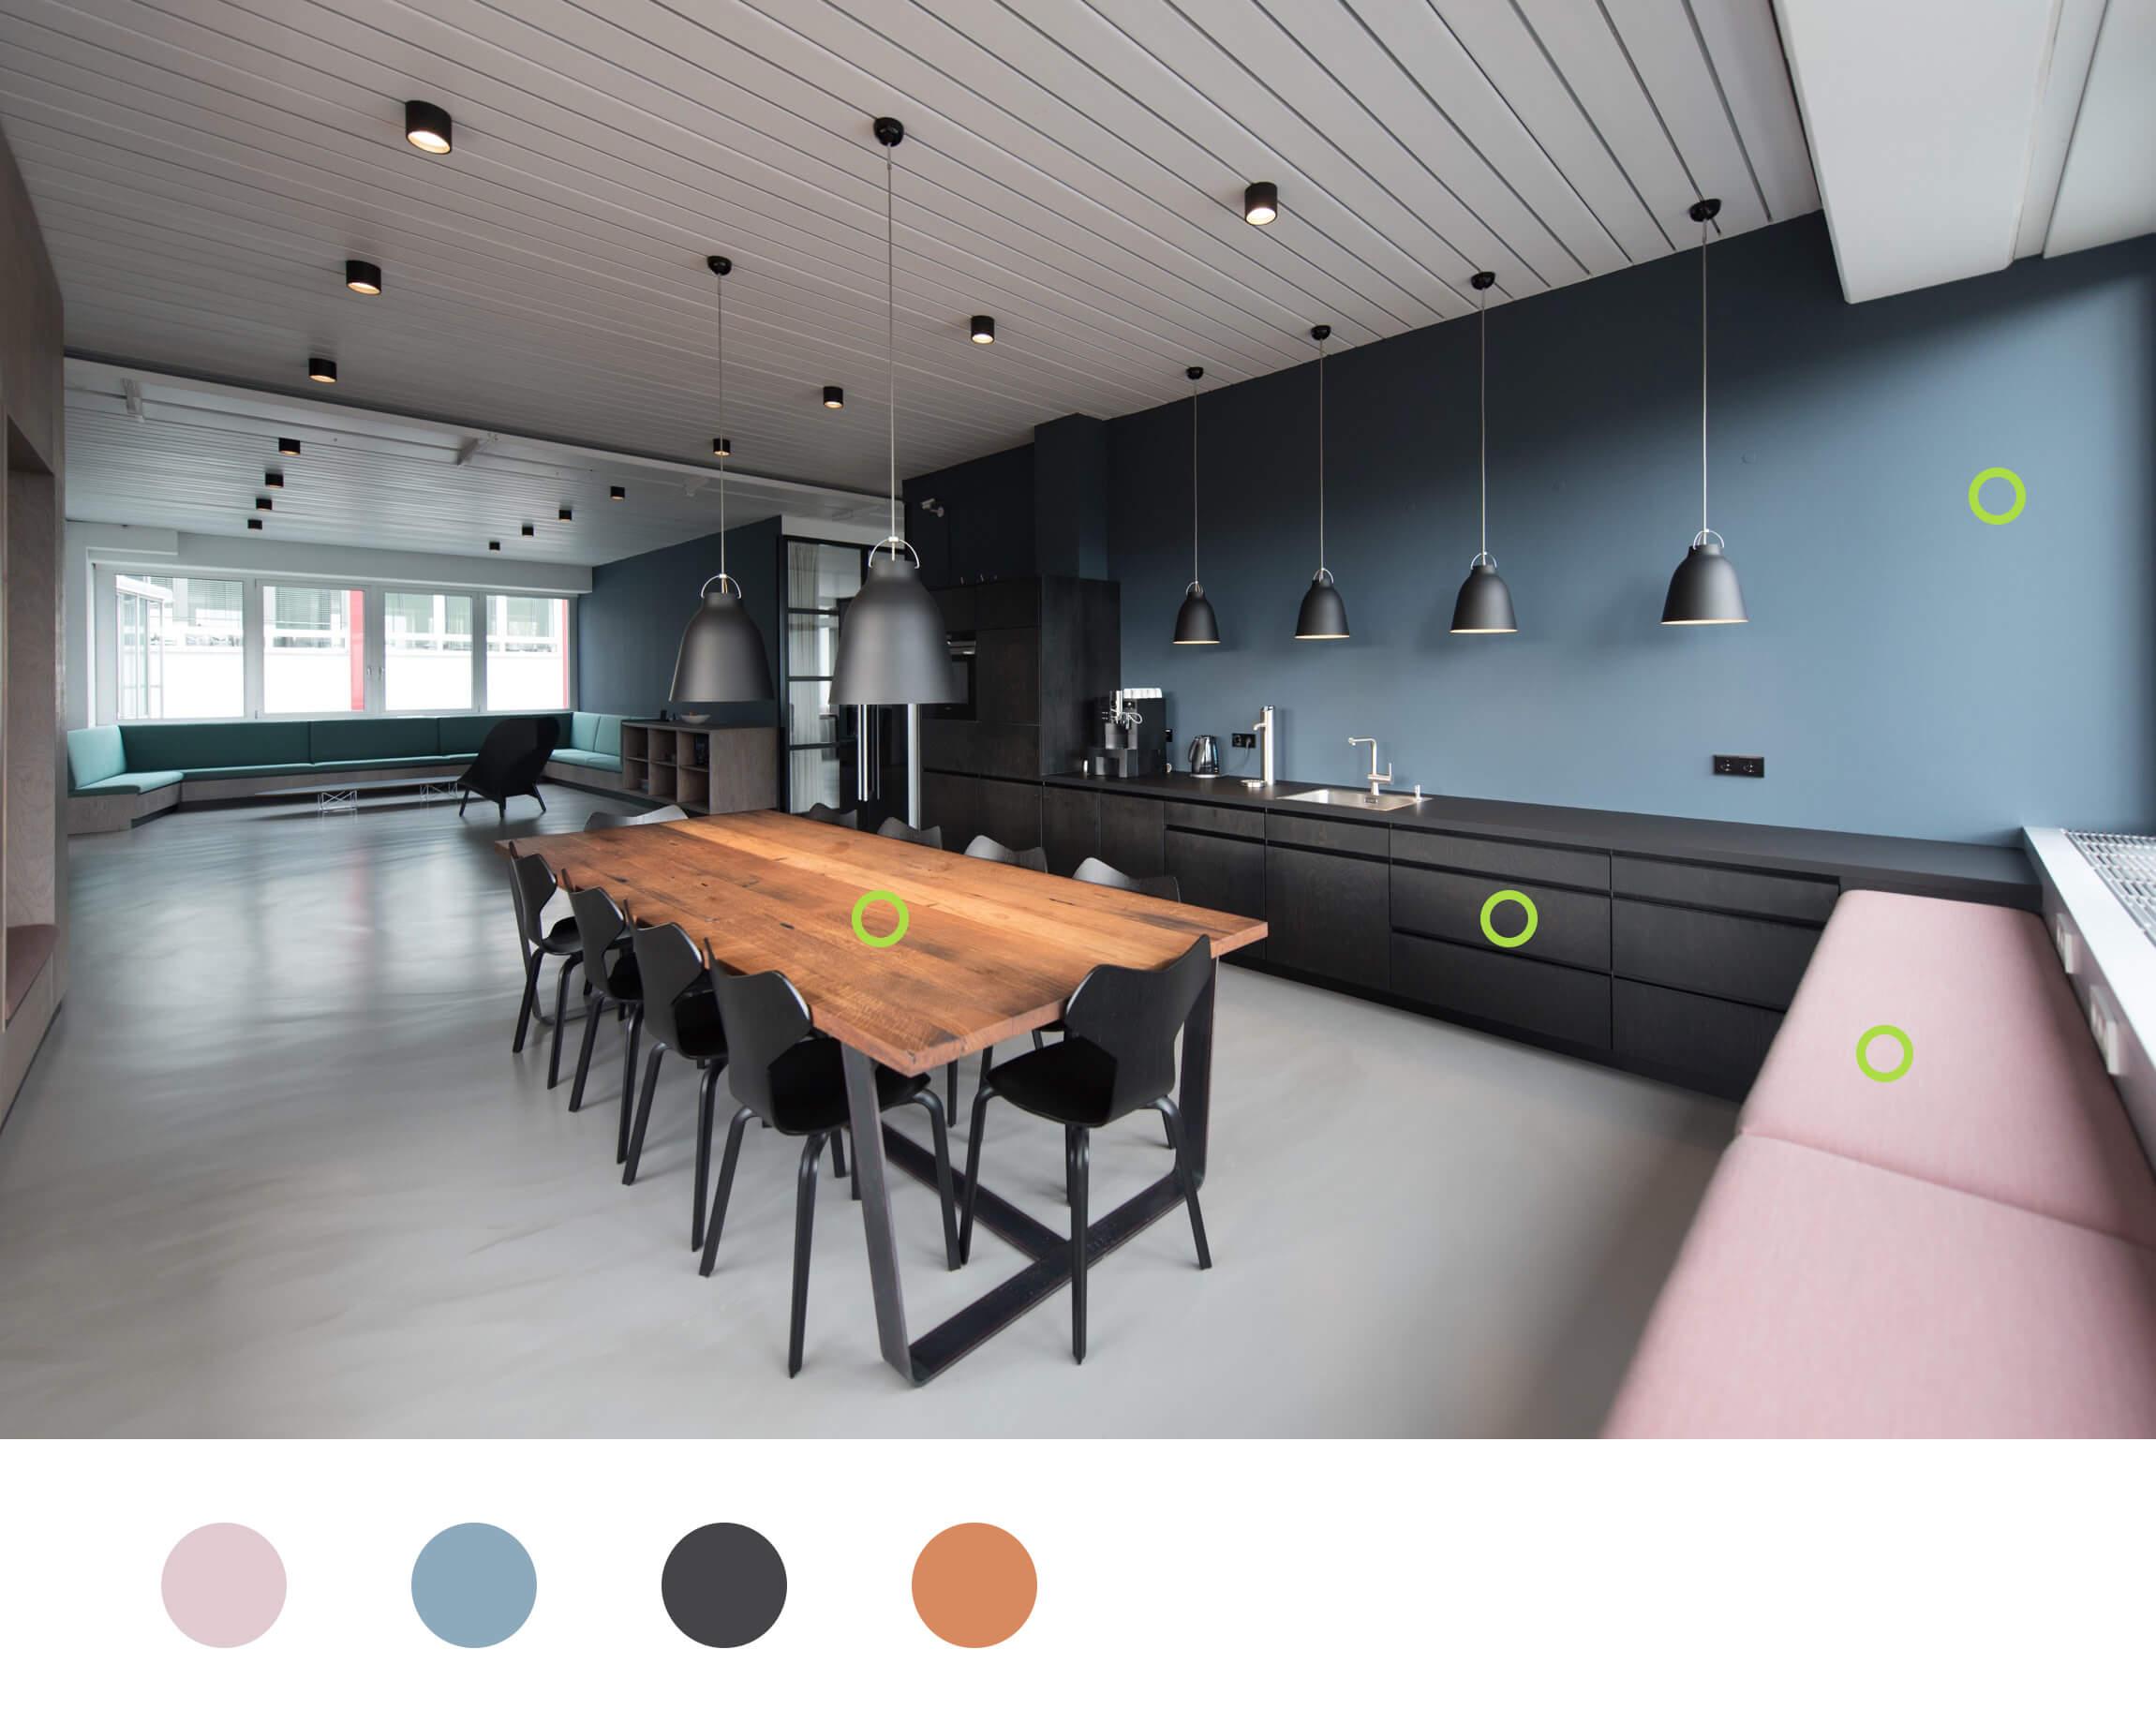 Interiordesign als Inspiration für die Farbwahl